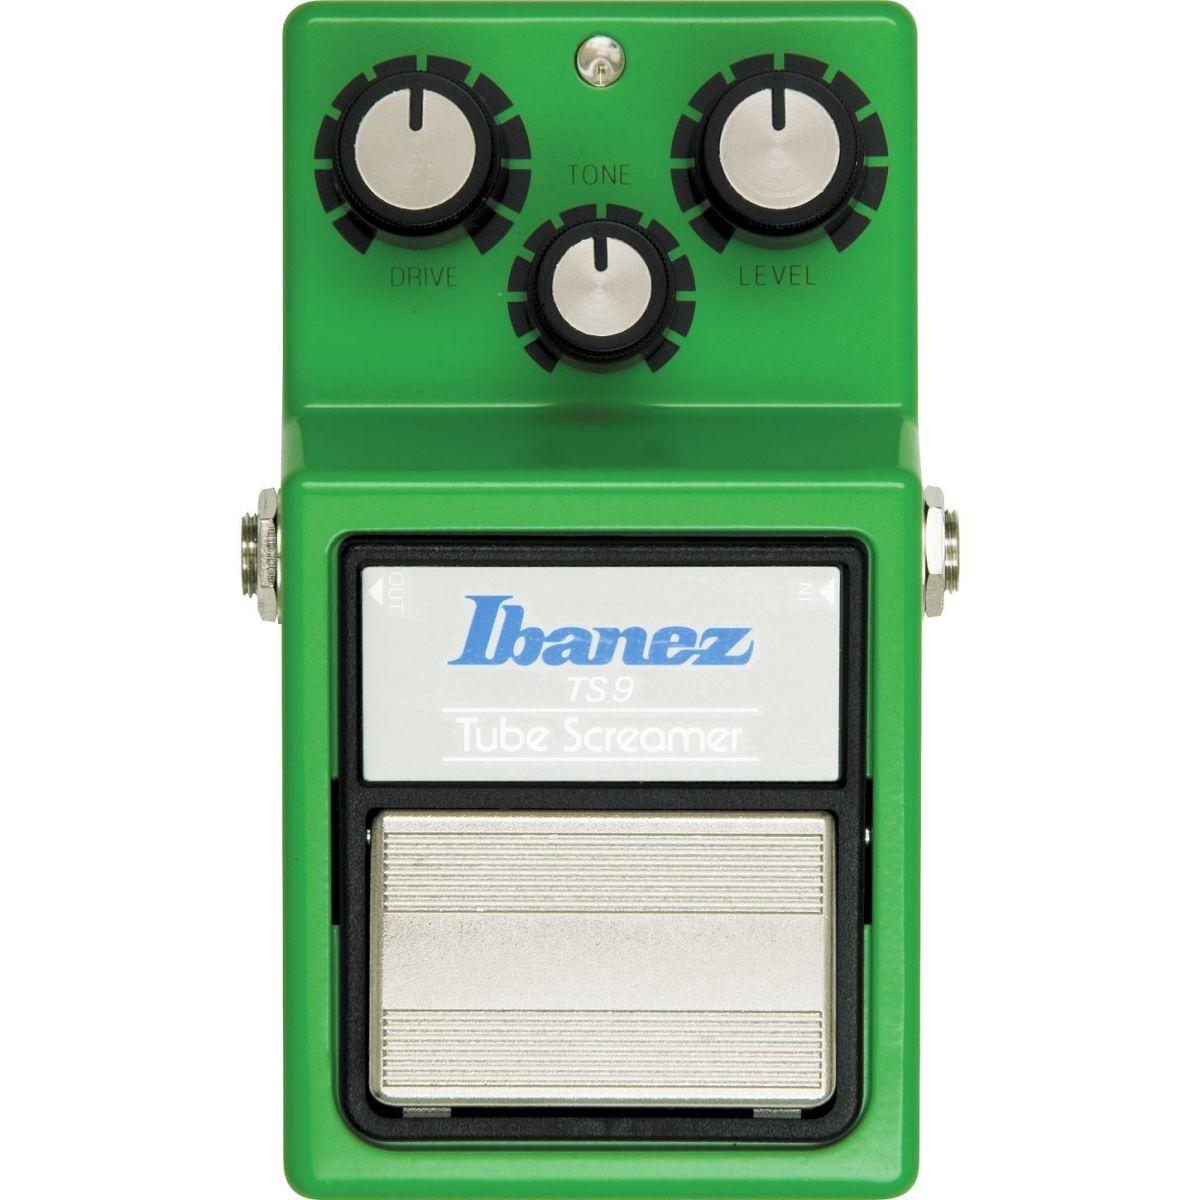 Ibanez Tube Screamer TS9